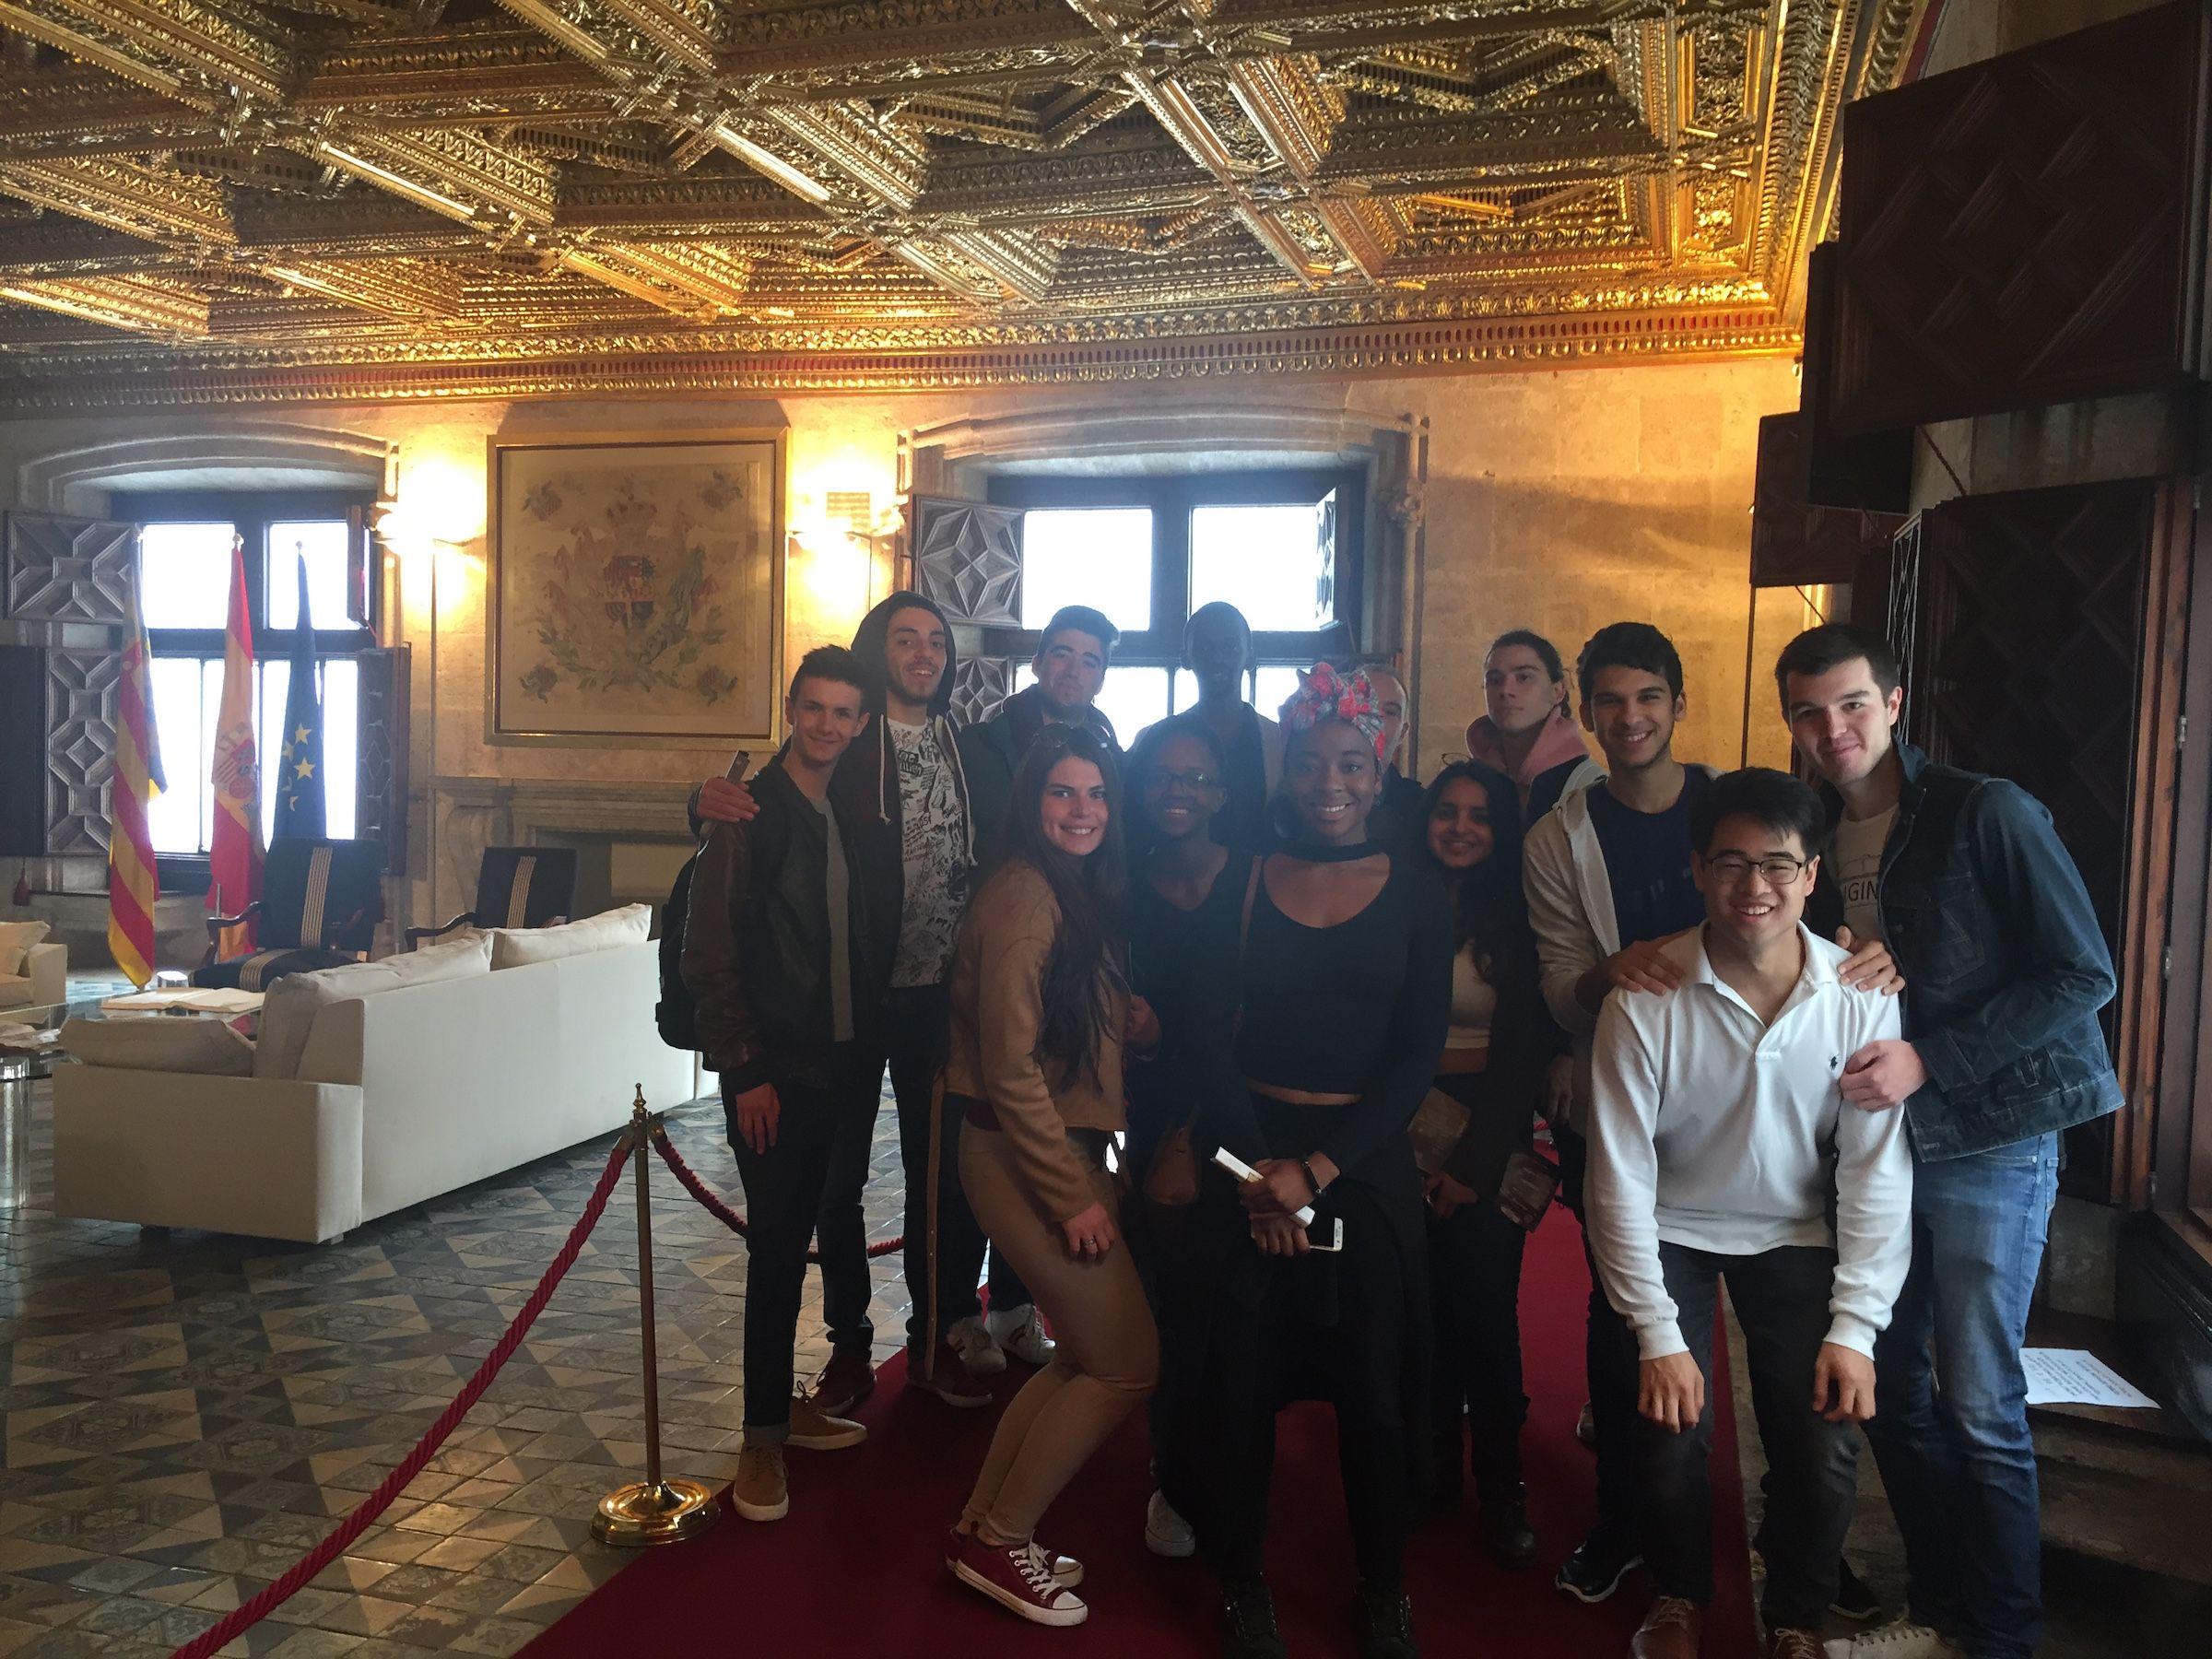 Los estudiantes de primer curso de Architecture de la CEU UCH, en el salón dorado del Palau de la Generalitat Valenciana.